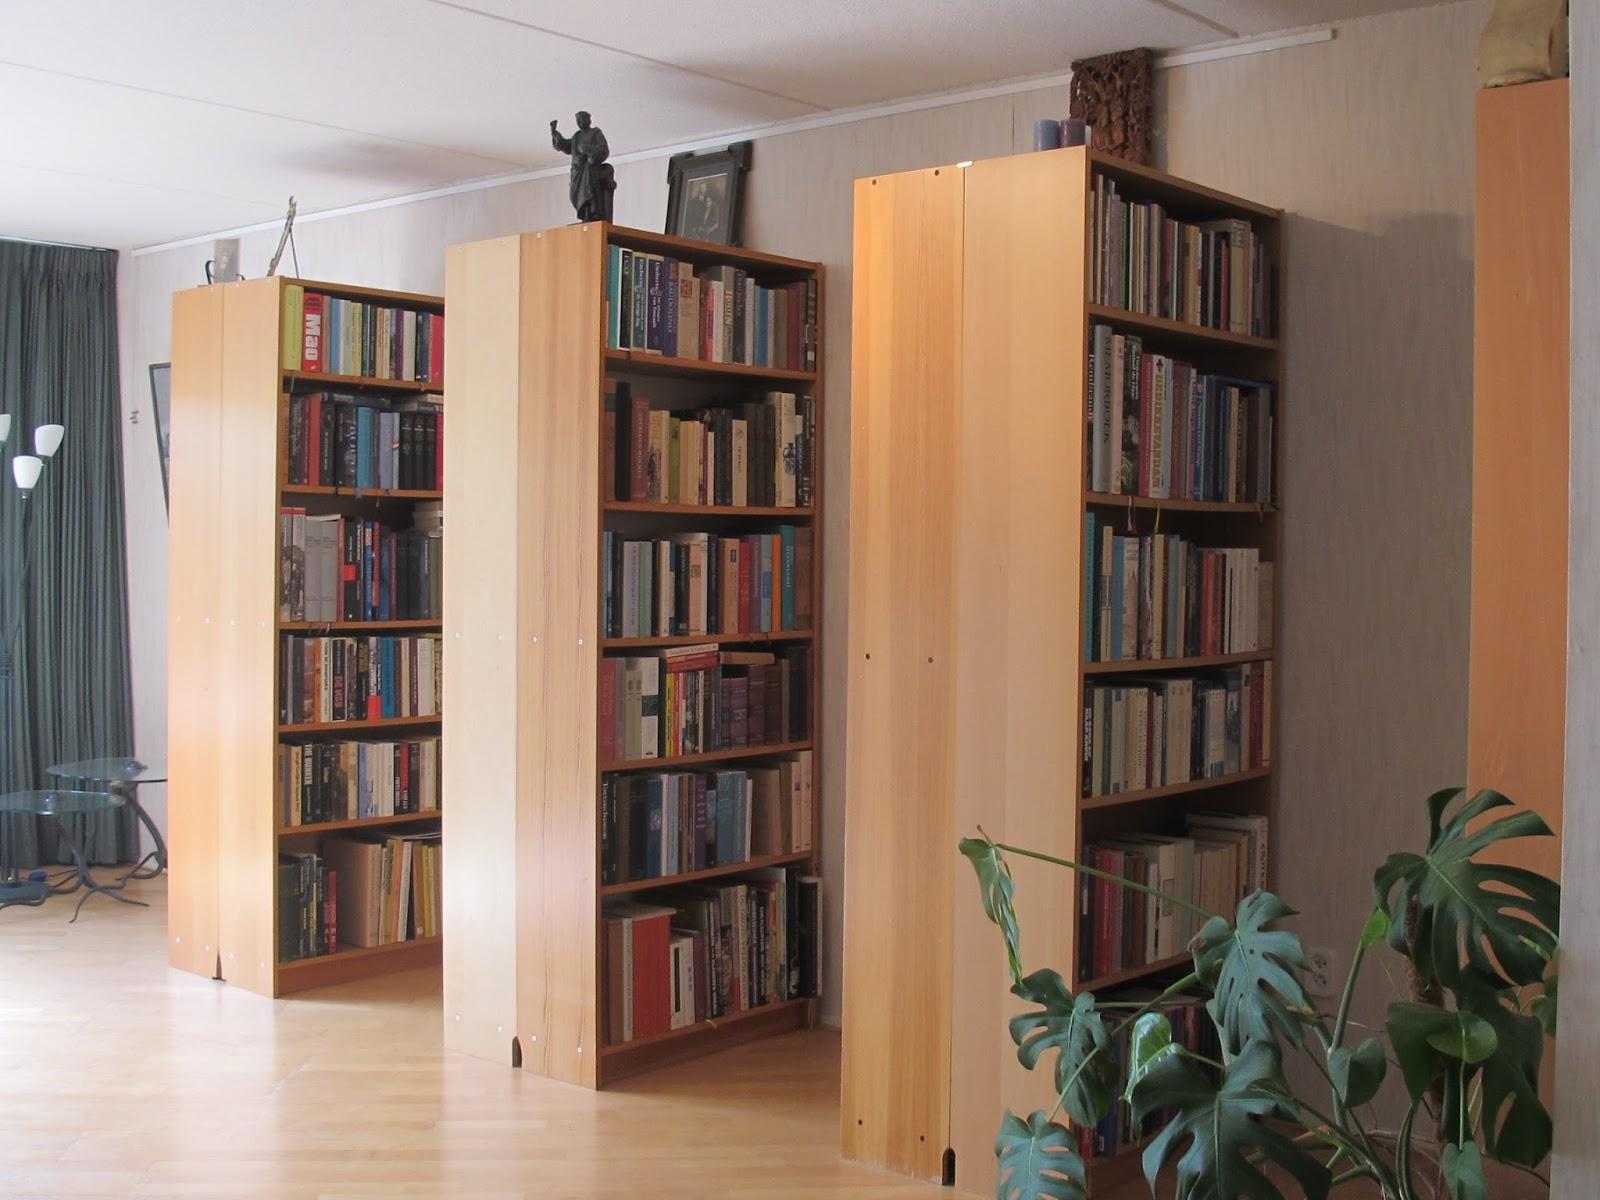 P e r k a m e n t u s: Over mijn bibliotheek, vijf jaar later...